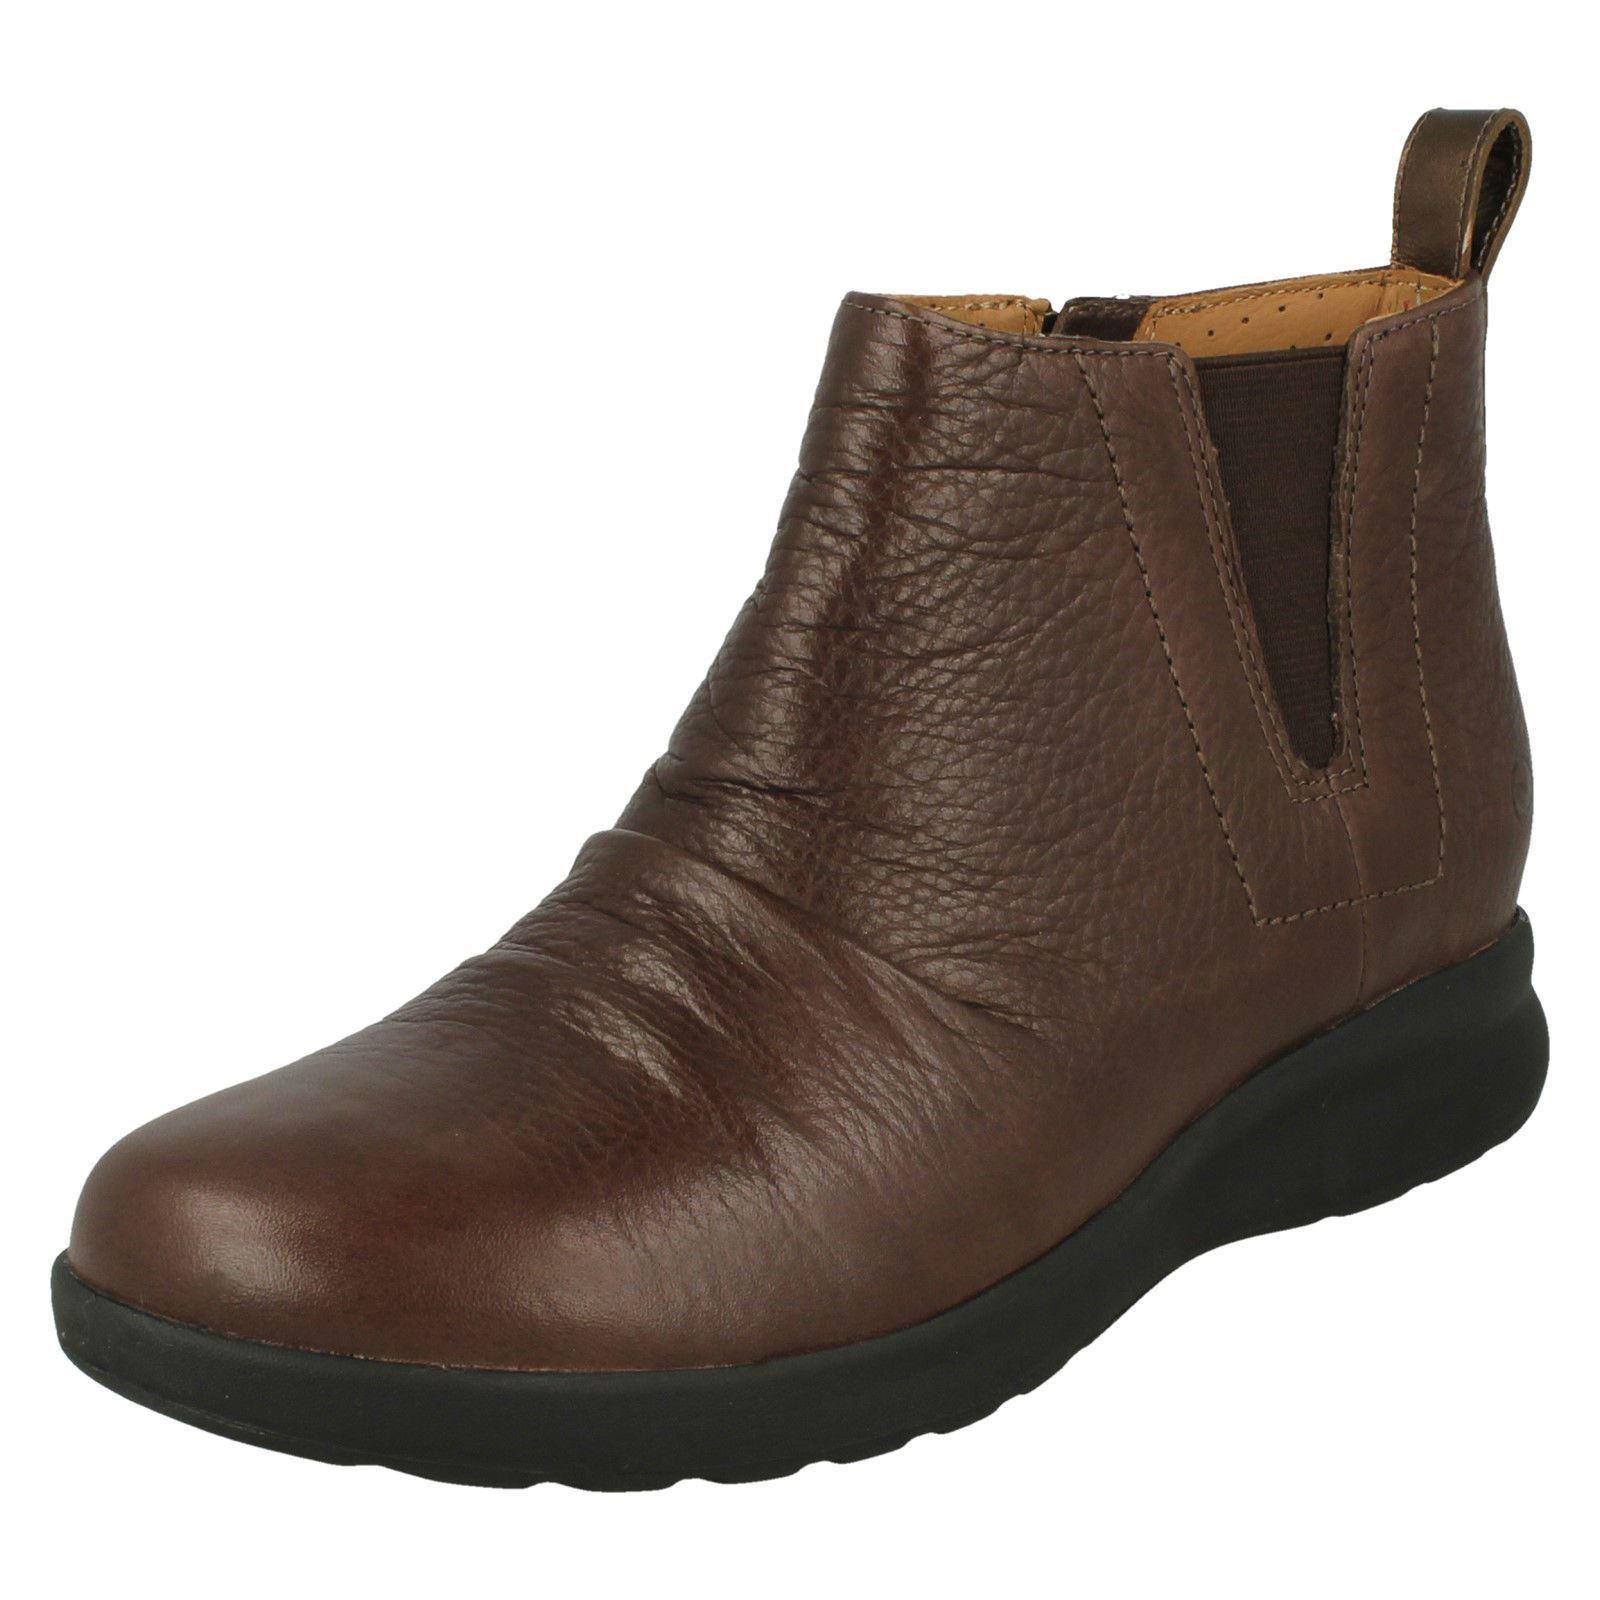 mesdames les bottines bottines bottines occasionnels l'onu par clark ornent la mi - bde5a2